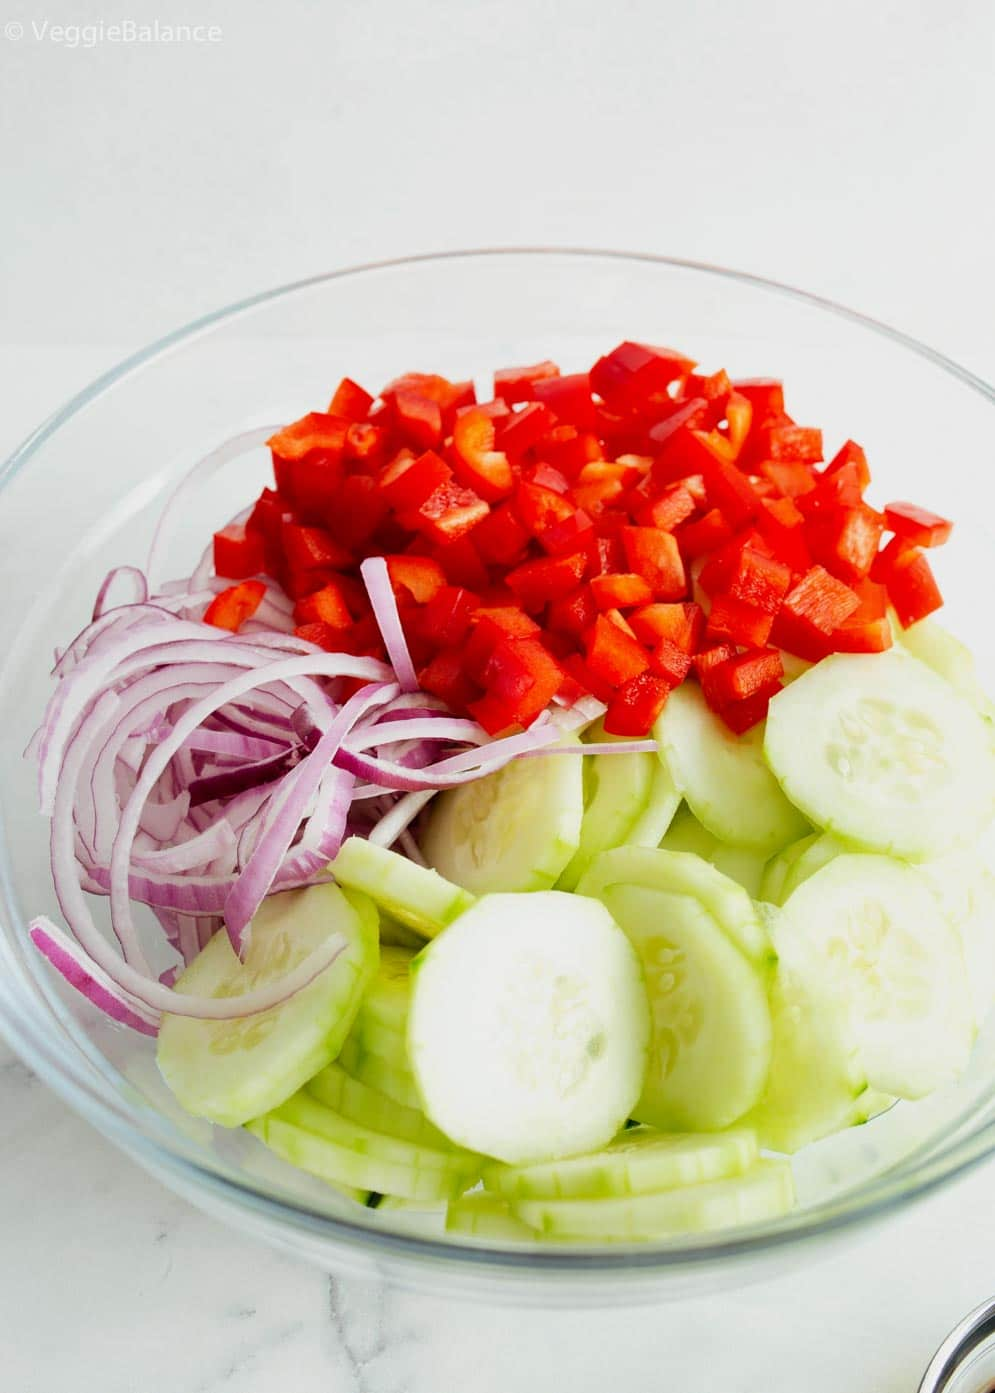 Bowl of asian cucumber salad ingredients